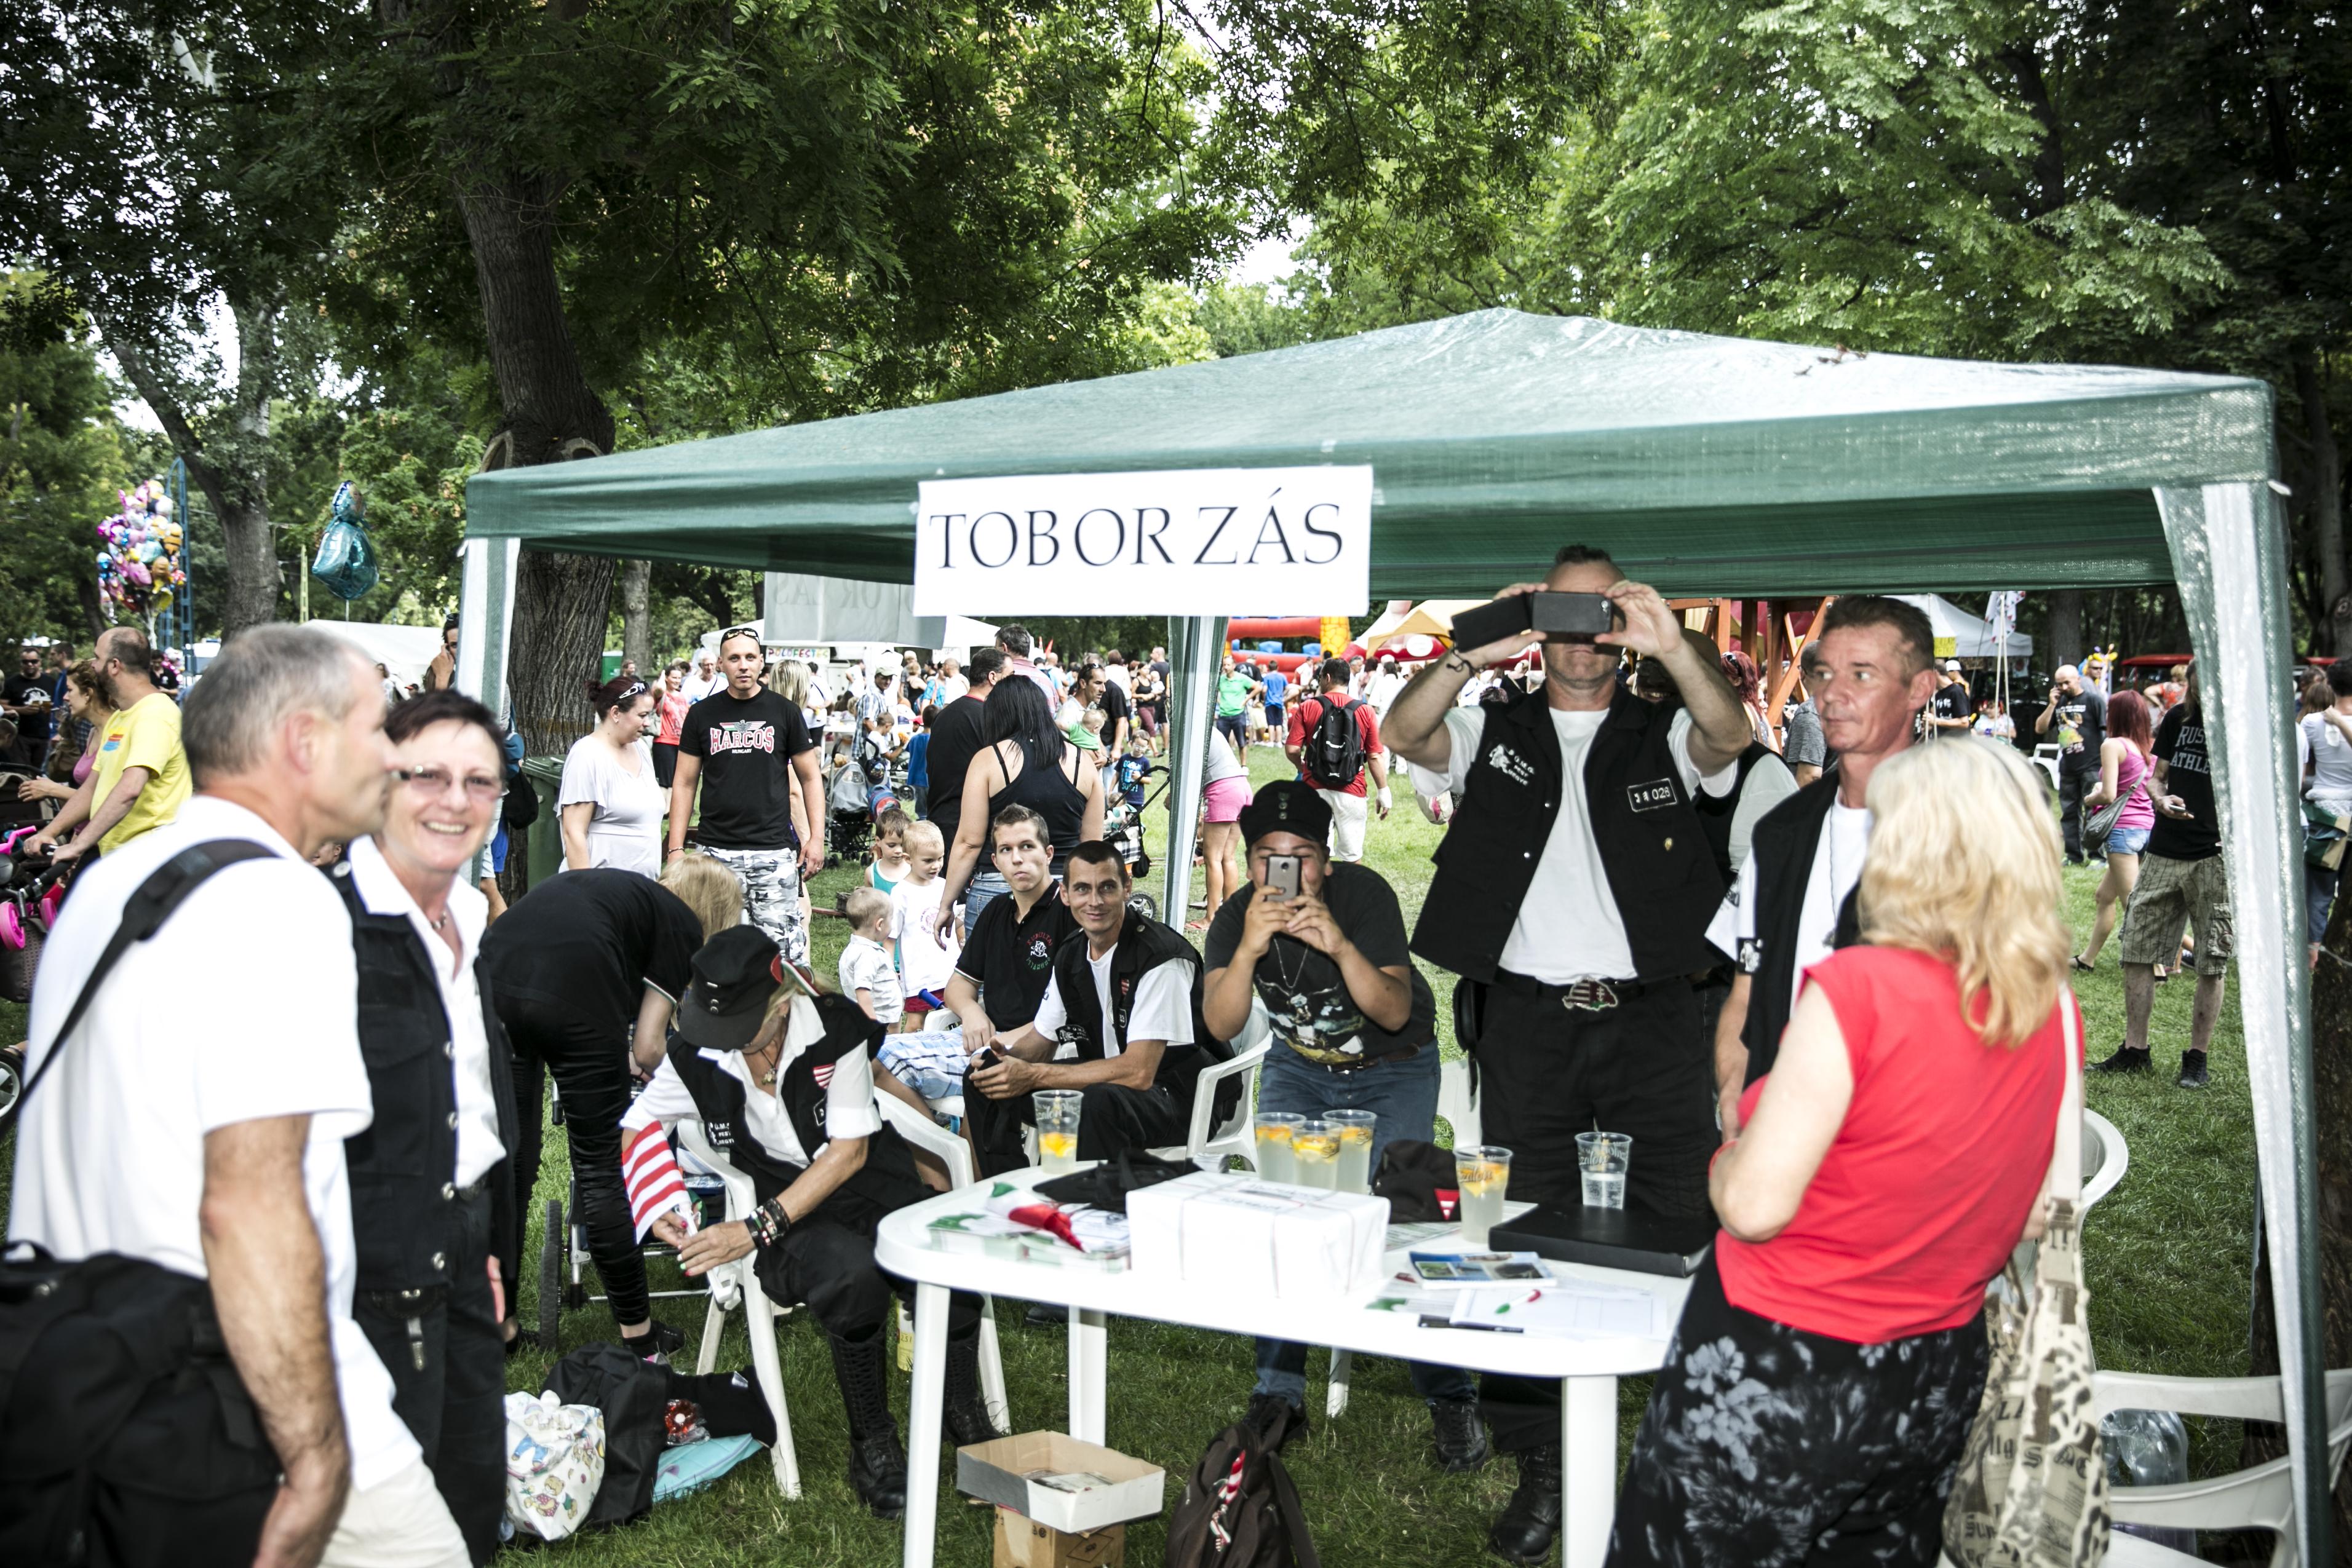 Tárki: Erősödött a Jobbik, de stabilan vezet a Fidesz